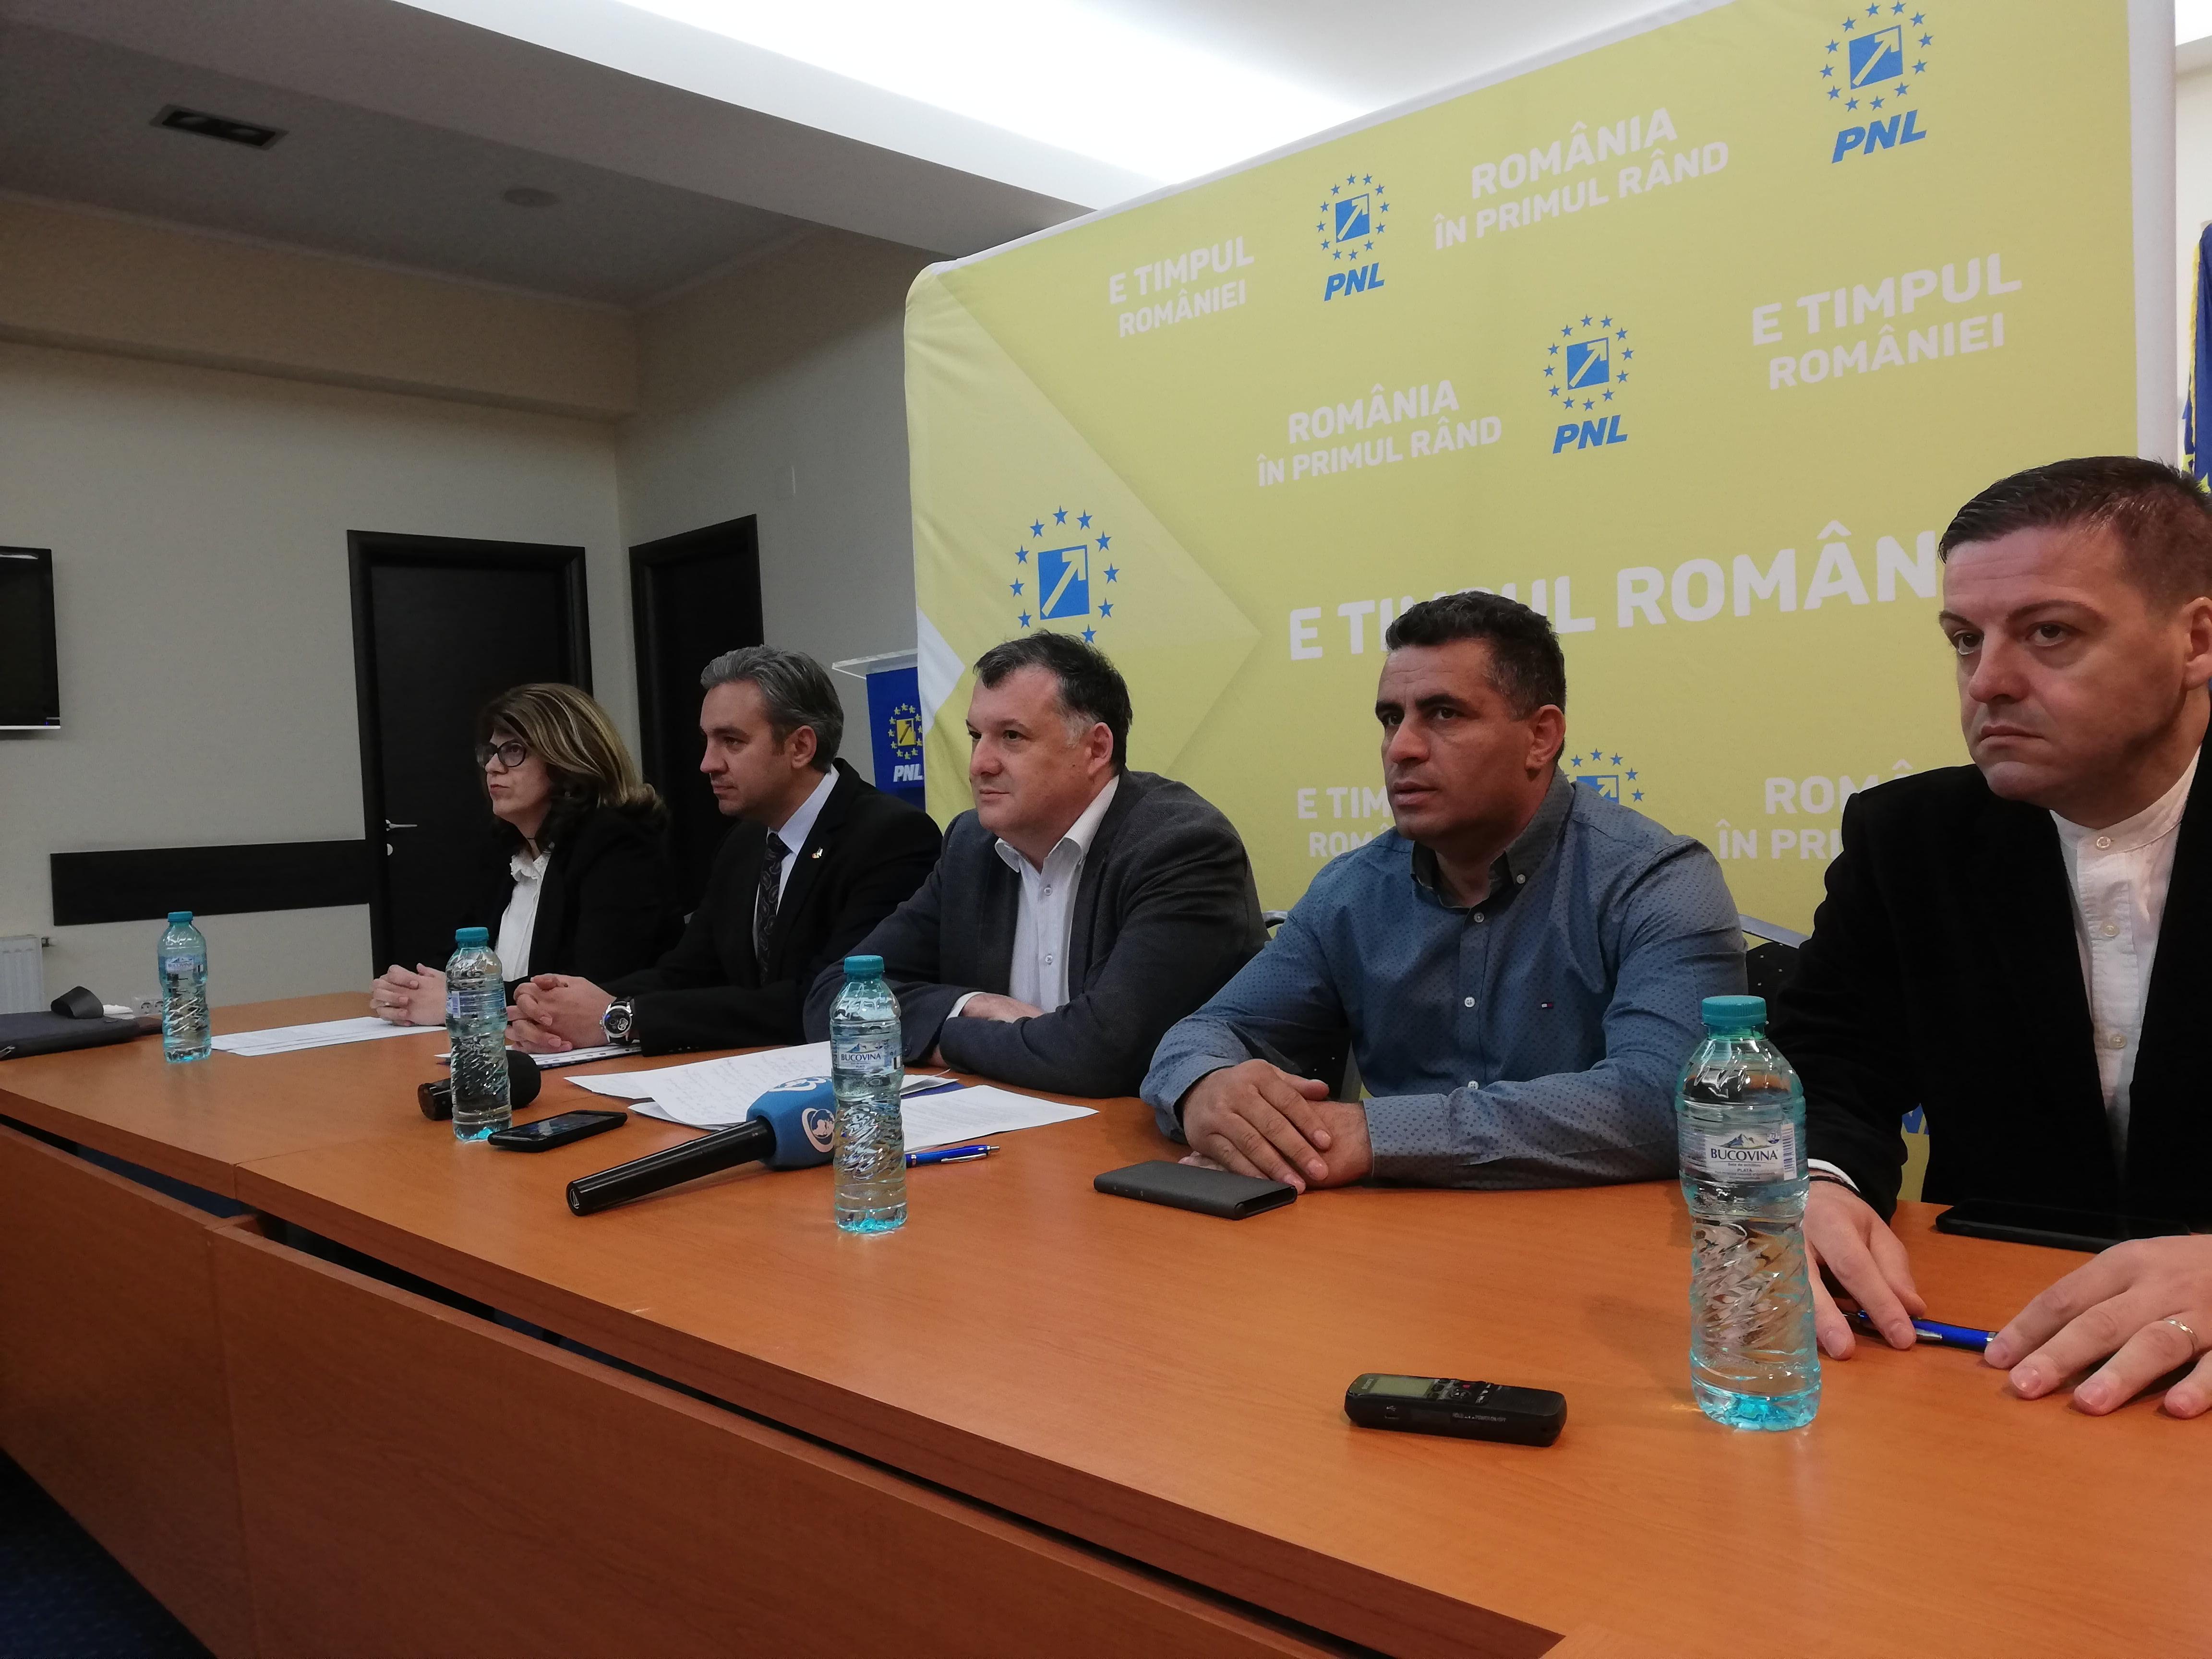 Hutuca Gima Niculescu Delicoti PNL Constanta